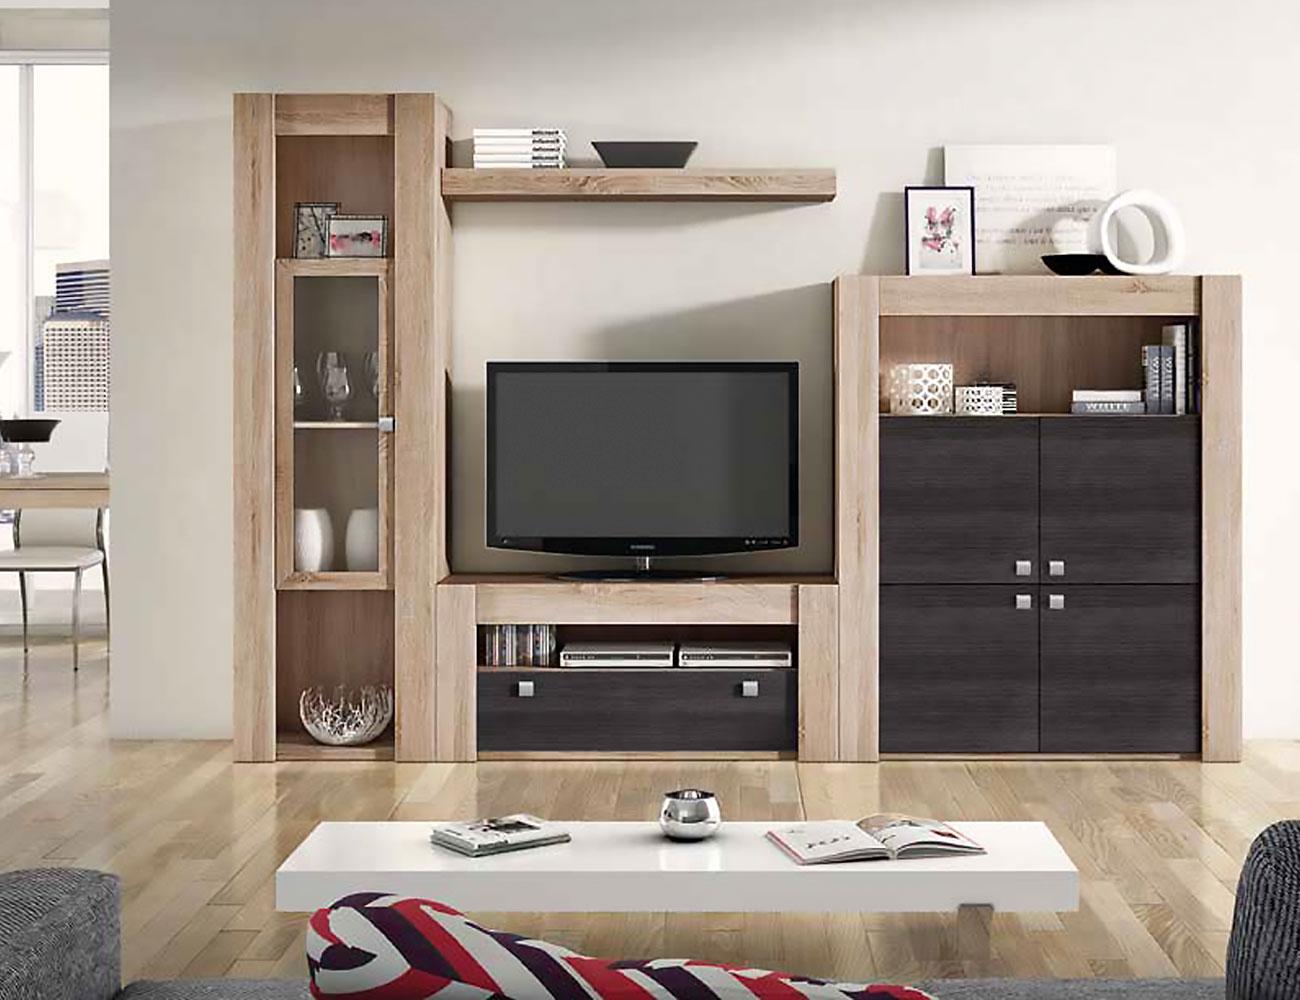 Mueble de sal n modular moderno en cambrian ceniza 2280 for Mueble modular salon